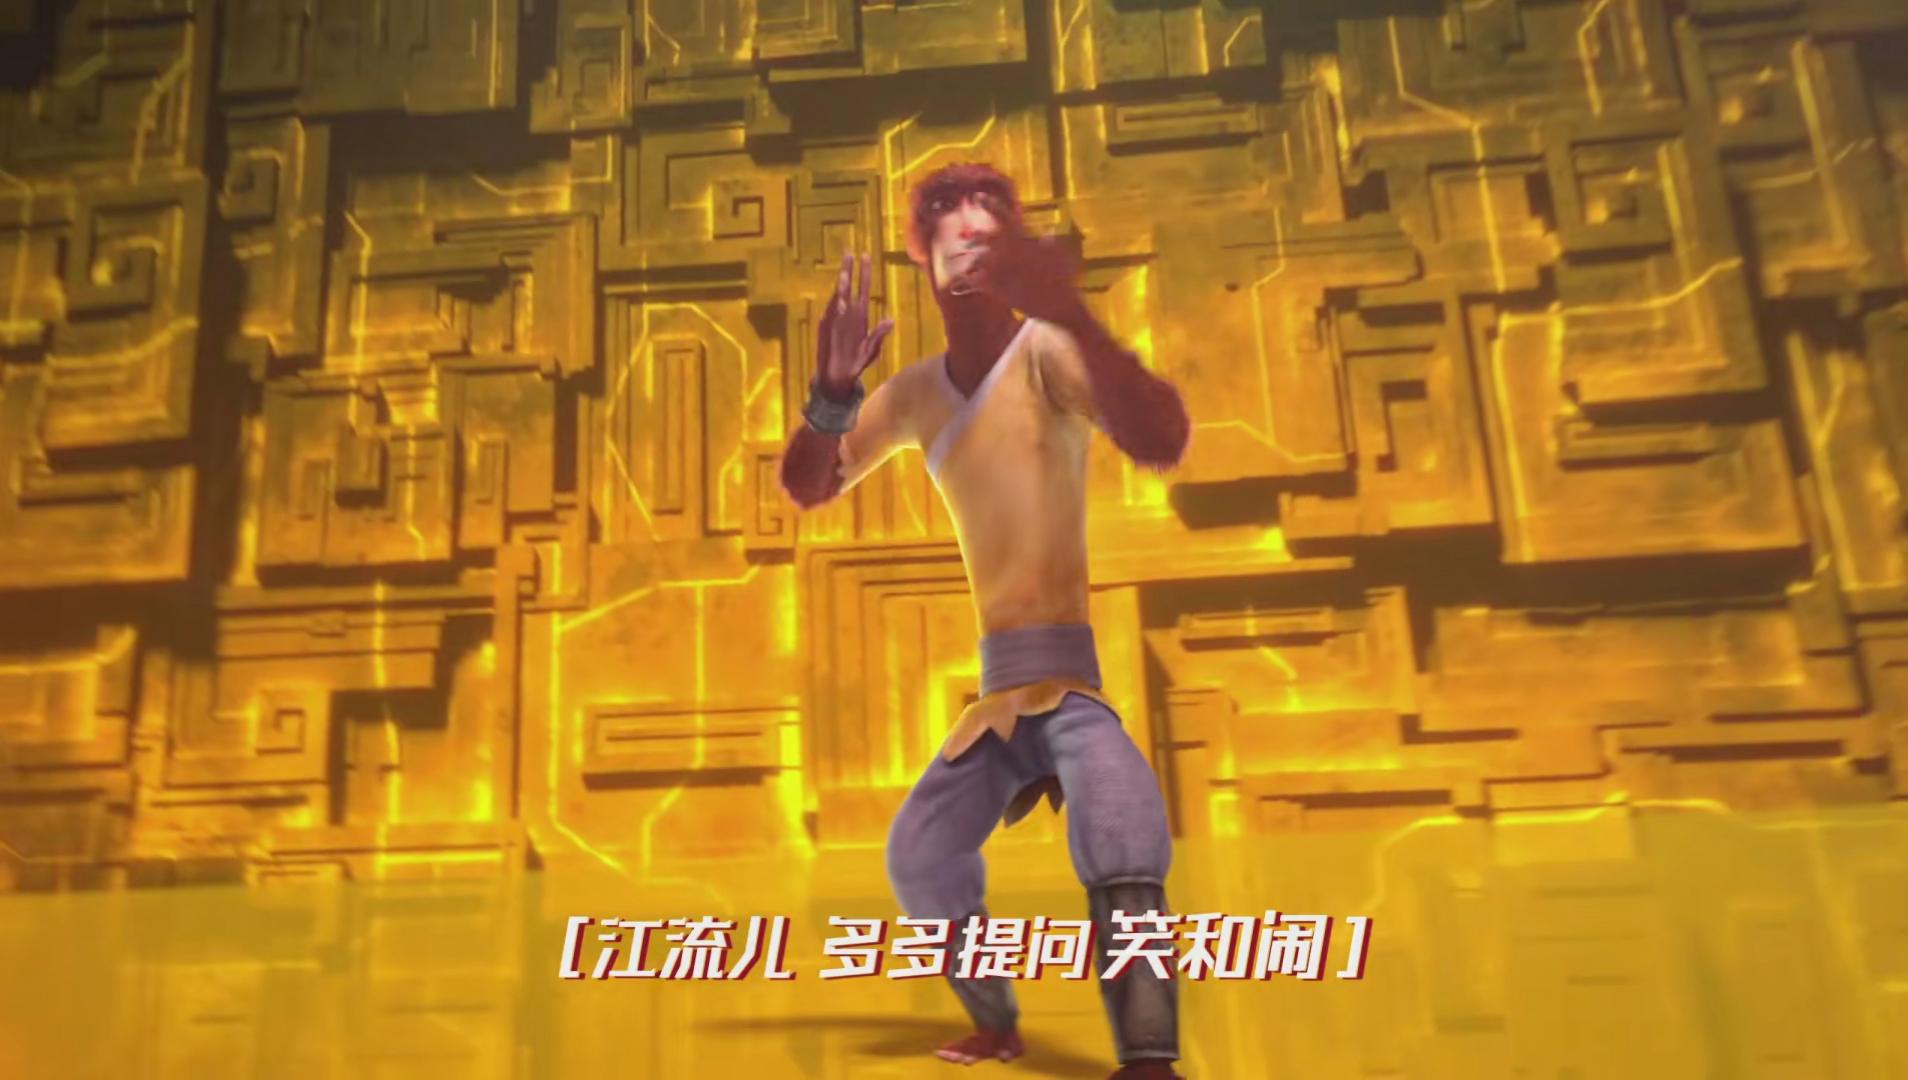 为给《姜子牙》宣传,敖丙被迫营业,四不相跳钢管舞,哪吒rap